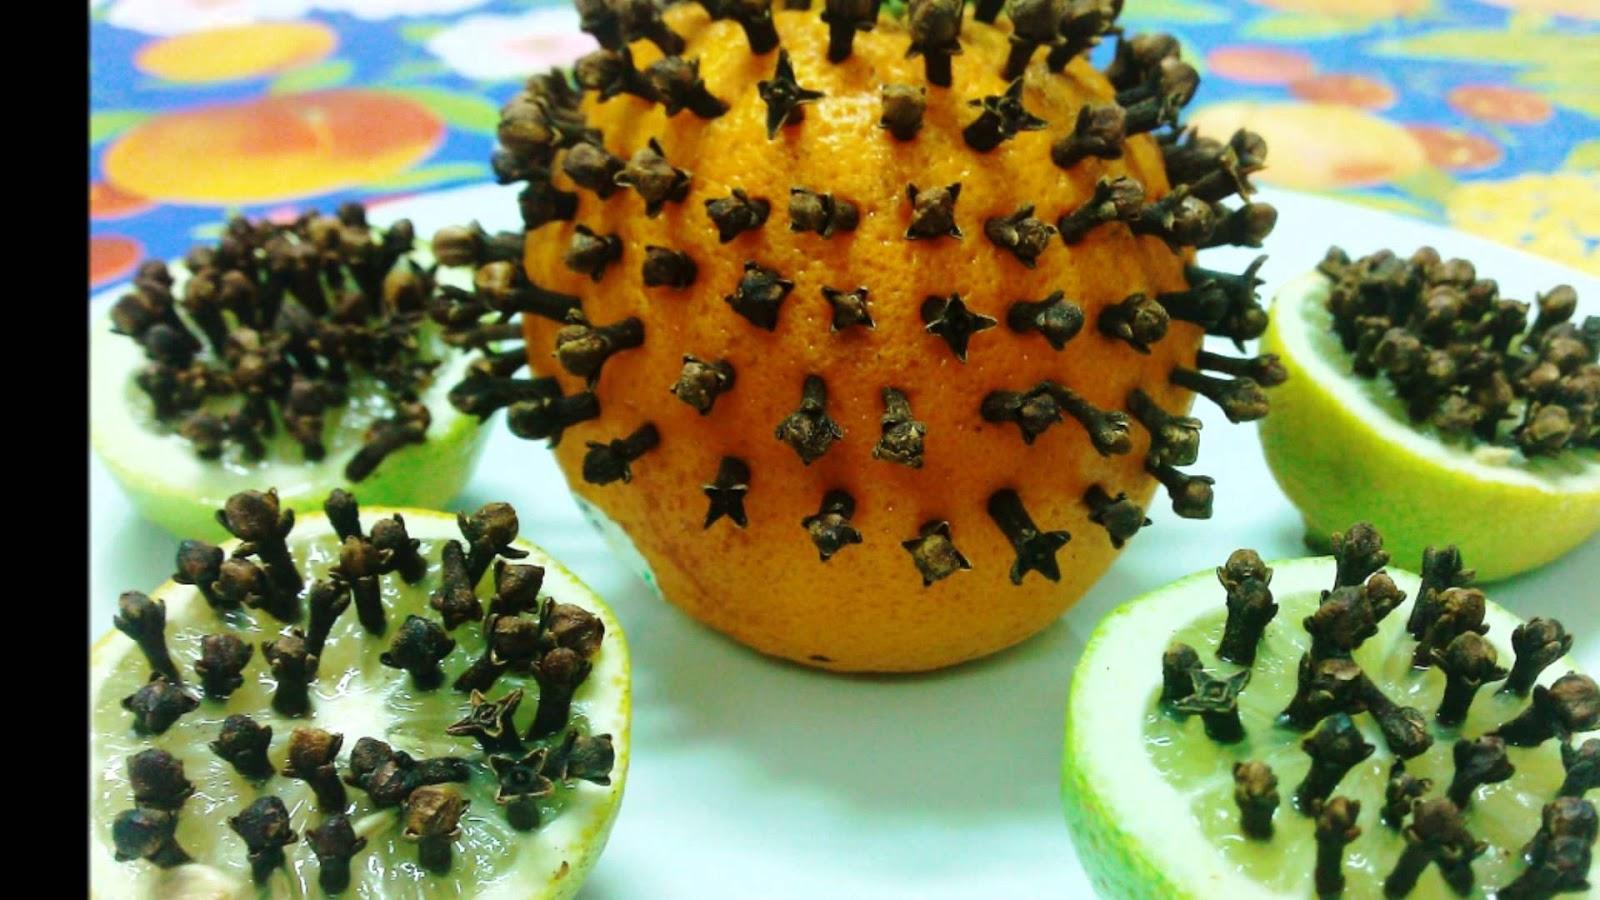 التخلص من البعوض (الناموس) طبيعياً